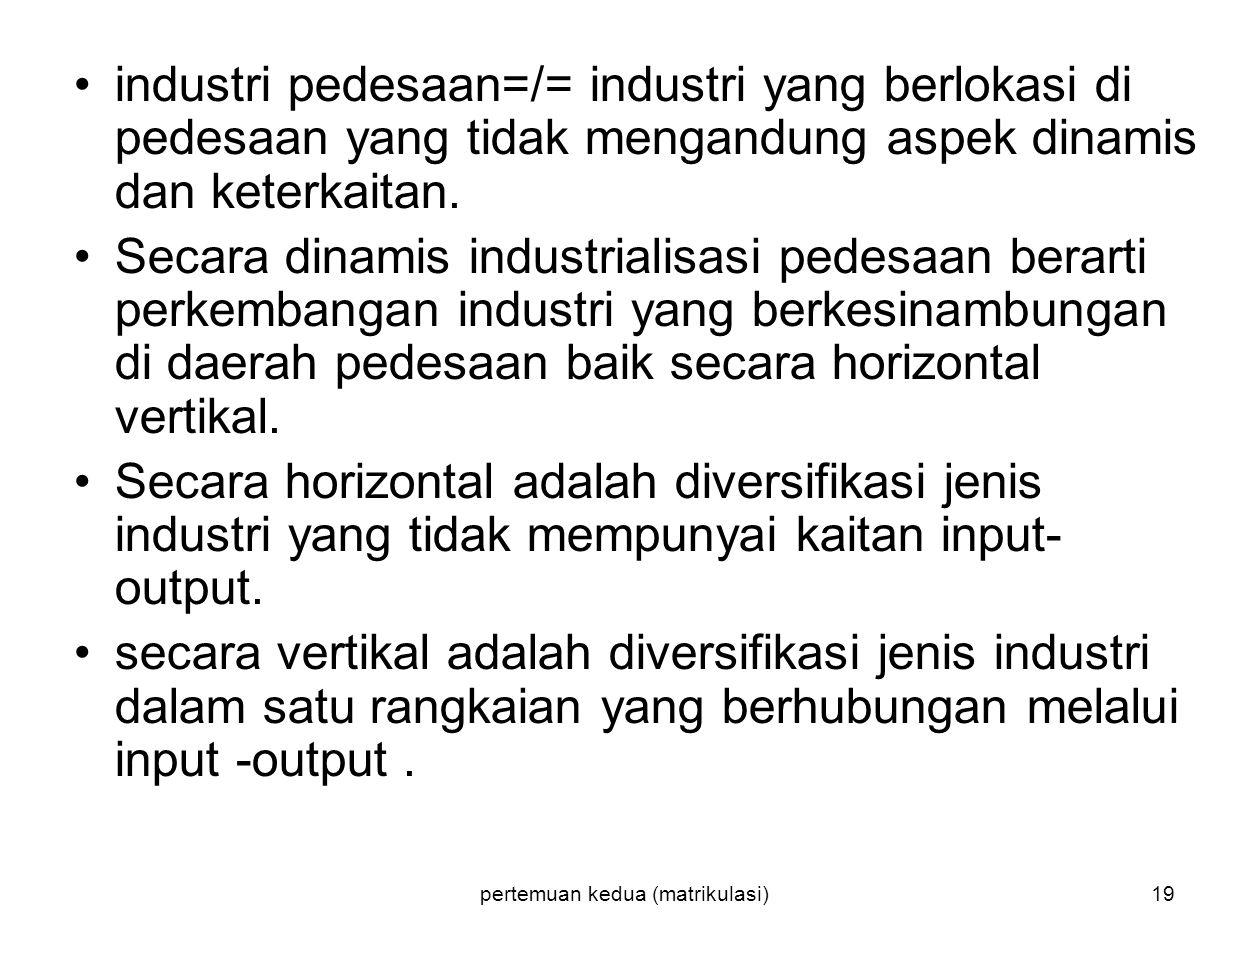 pertemuan kedua (matrikulasi)19 industri pedesaan=/= industri yang berlokasi di pedesaan yang tidak mengandung aspek dinamis dan keterkaitan.